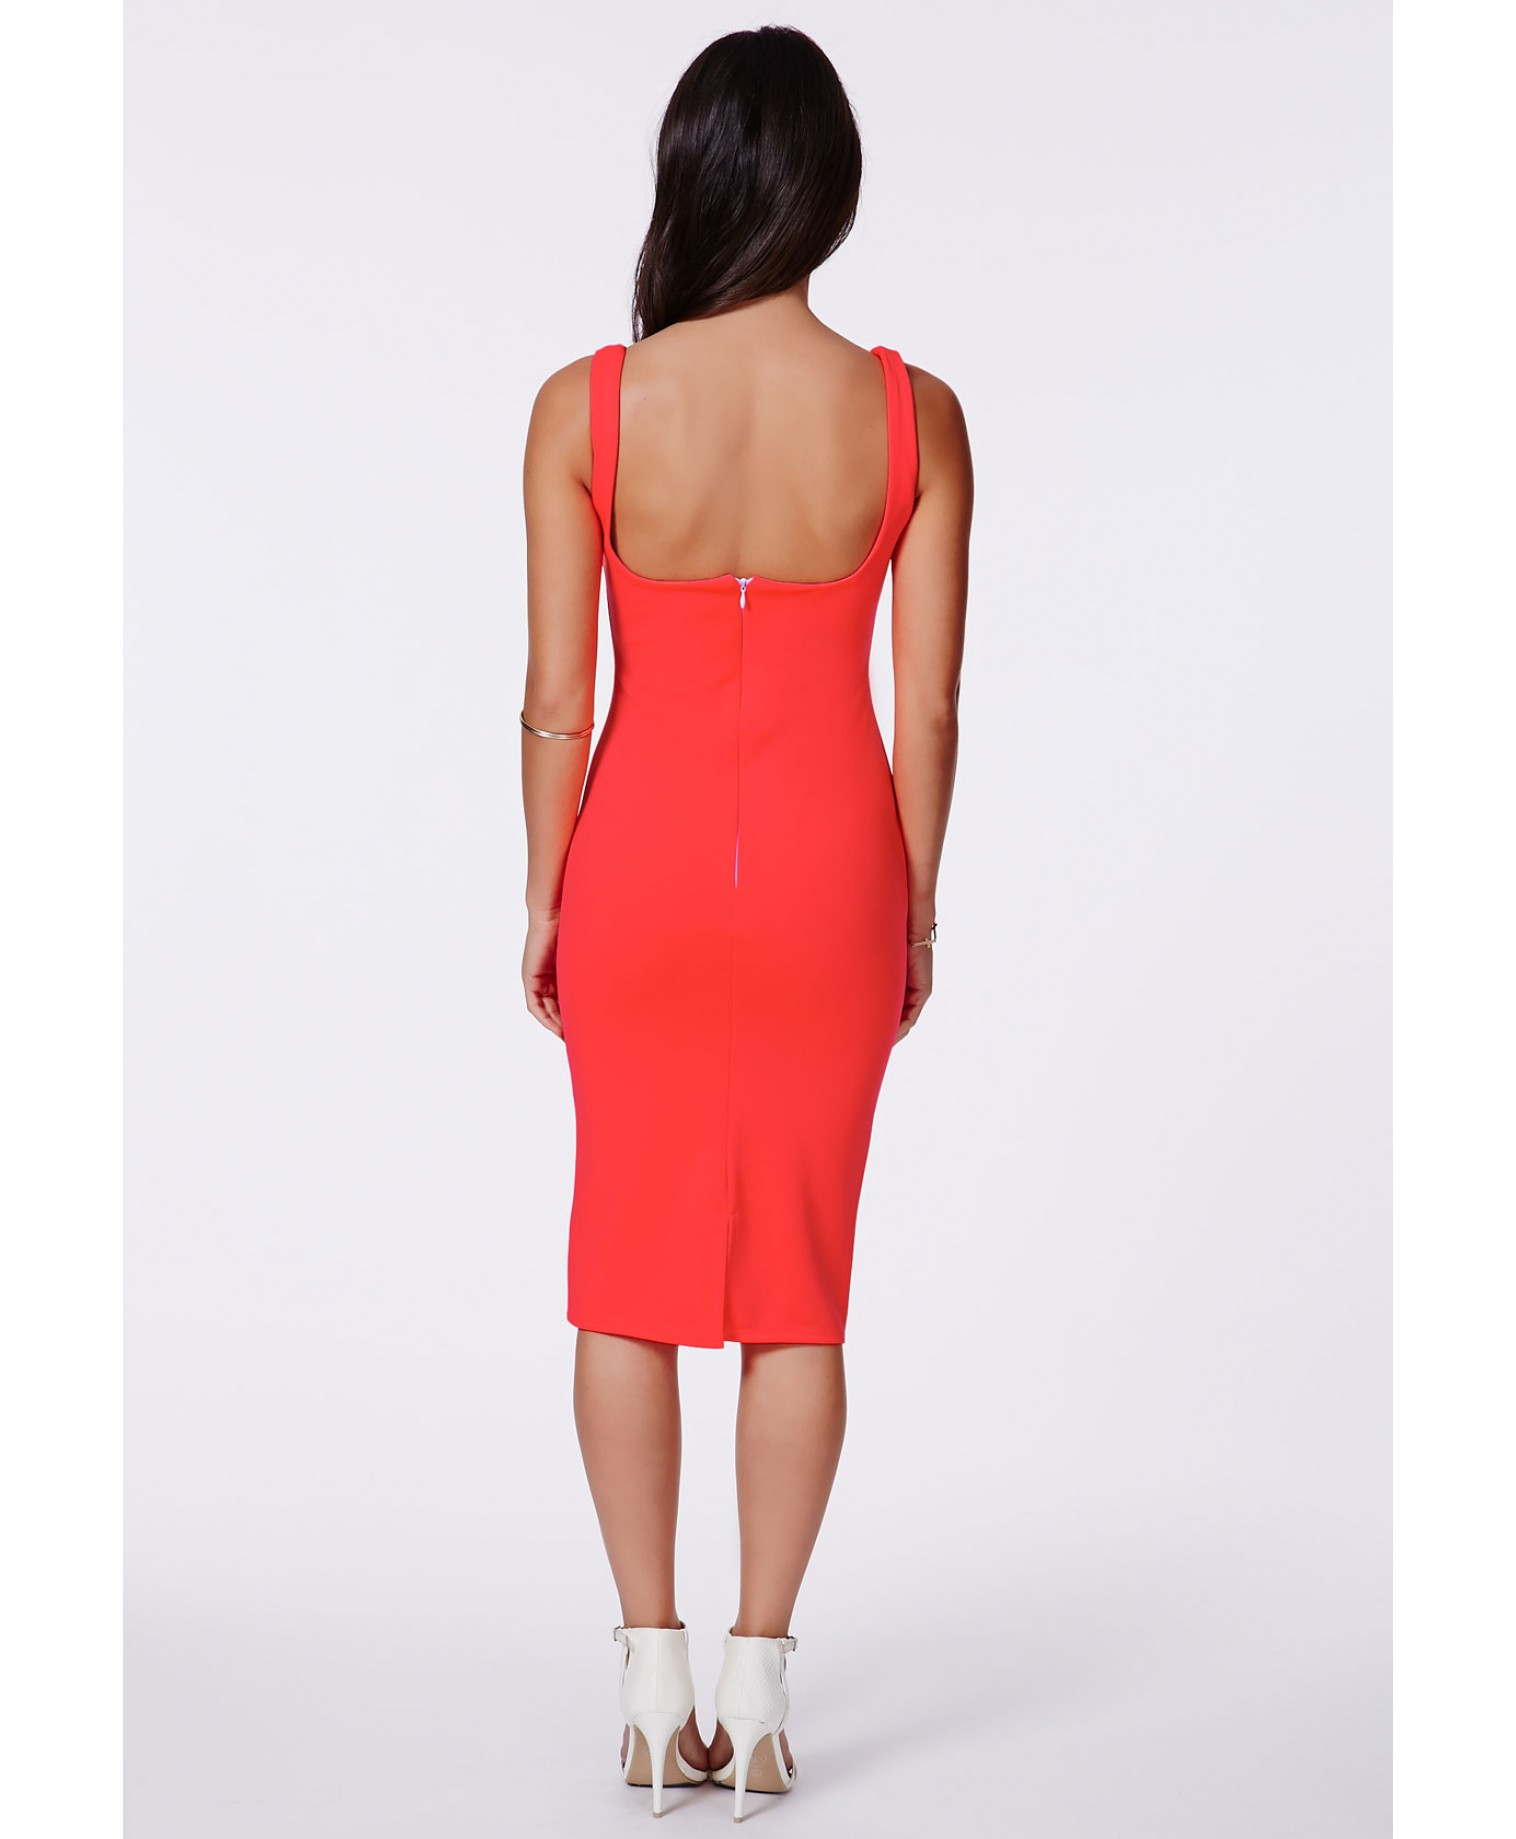 Neon Orange Strapless Dress